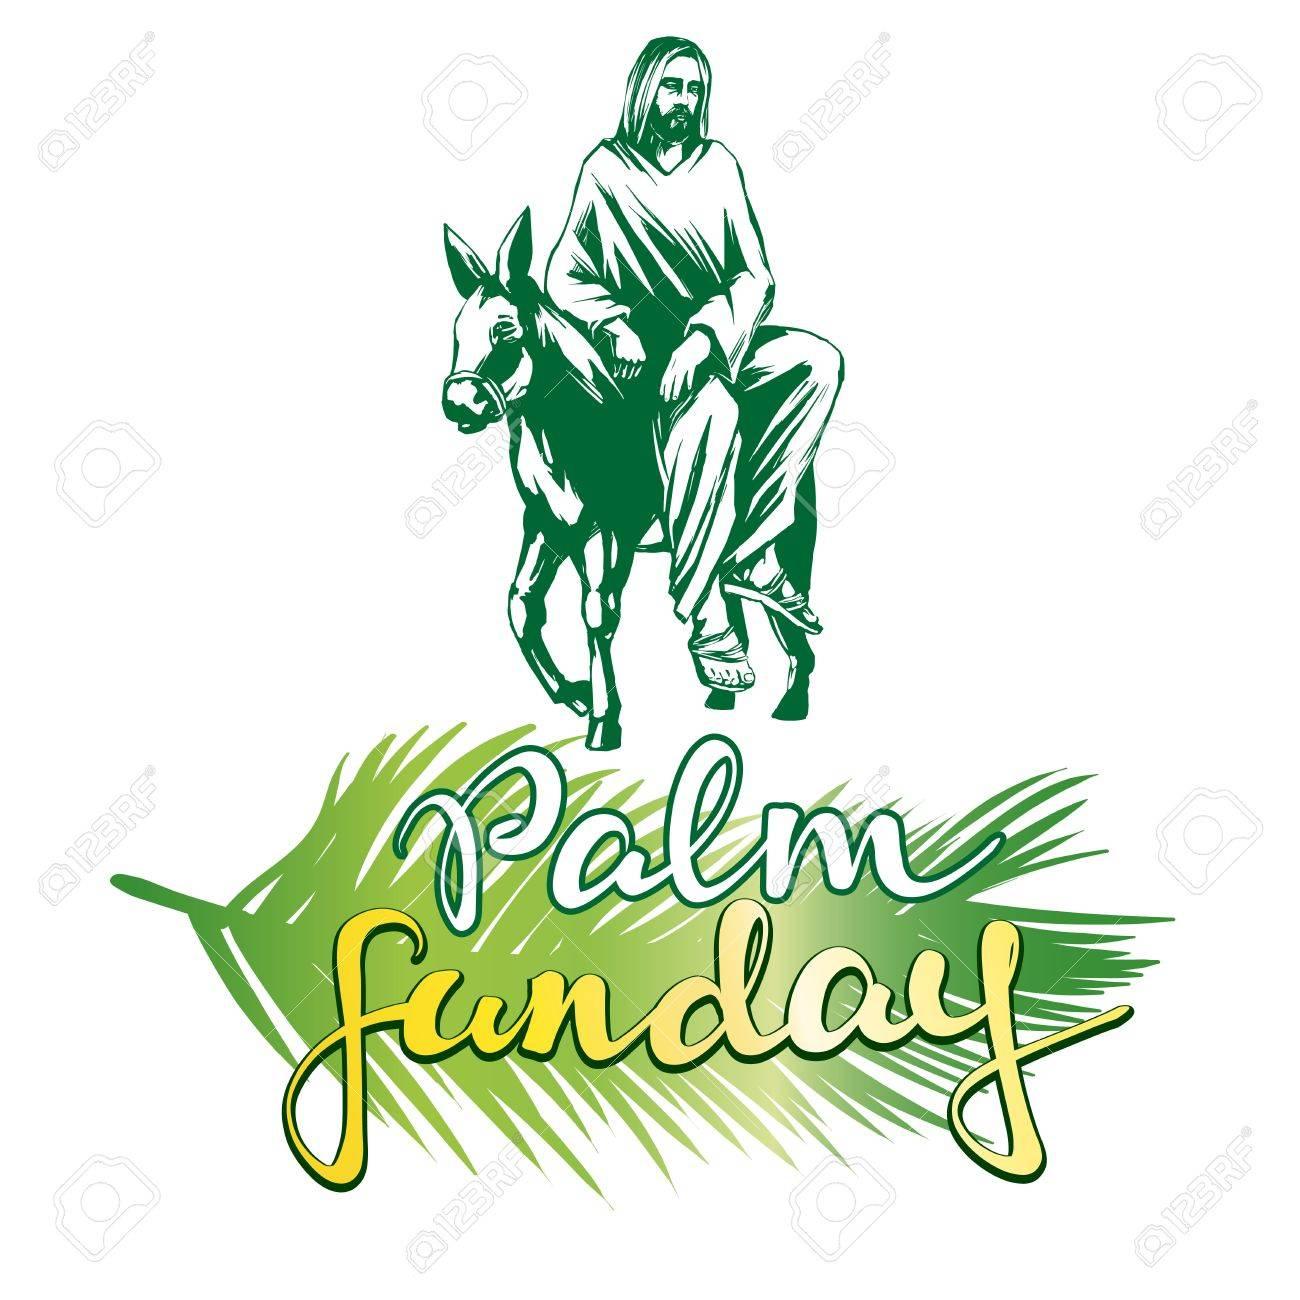 palm sunday jesus christ rides on a donkey into jerusalem symbol rh se 123rf com Christian Grandparents Clip Art Christian Rock Clip Art